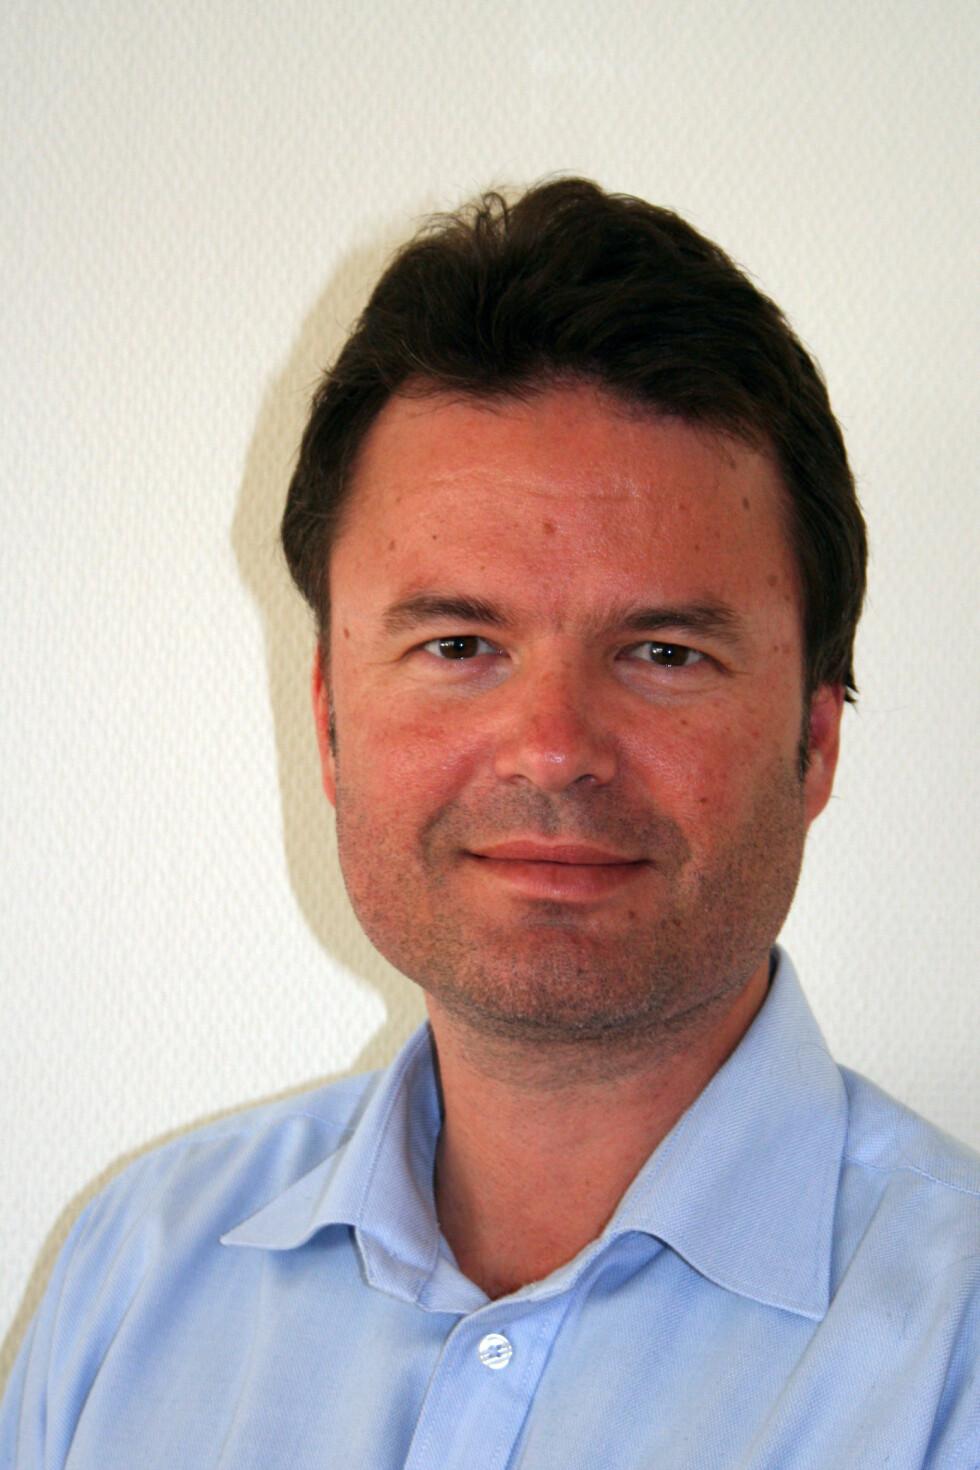 Lars-Erik Sletner, seniorøkonom i Bedriftsforbundet. Foto: Bedriftsforbundet